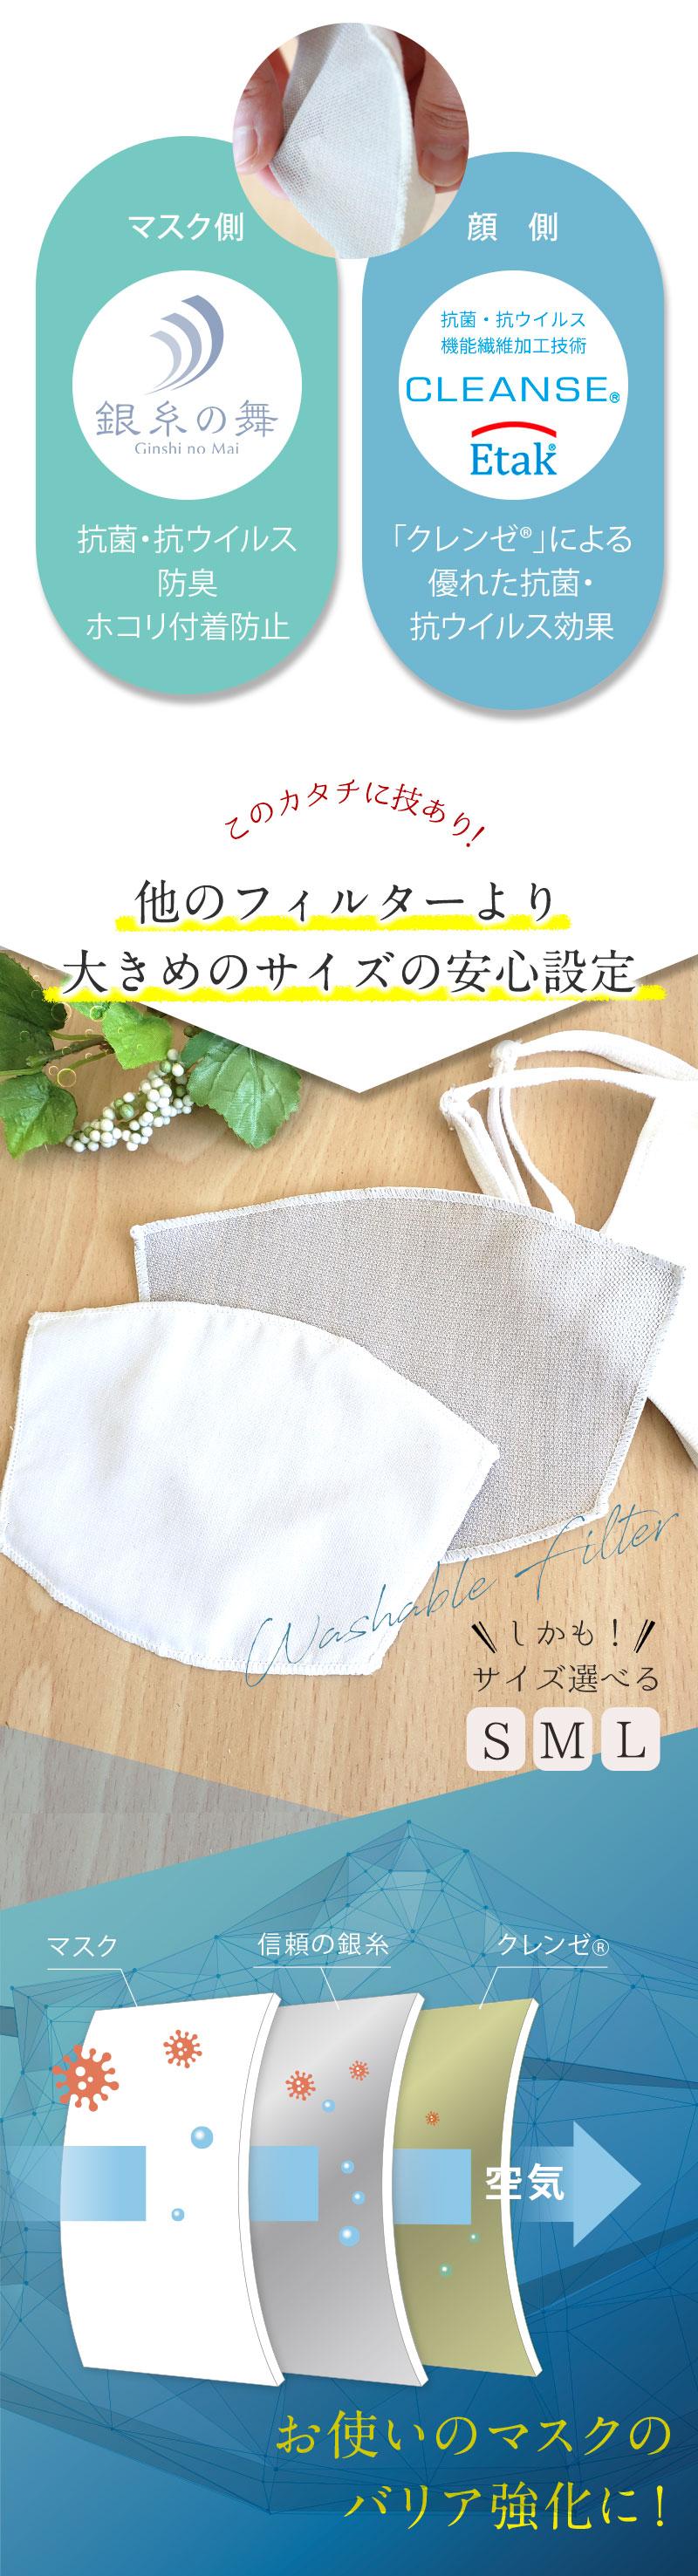 銀繊維 クレンゼ® マスク用フィルター マスク フィルター マスクシート マスク用シート